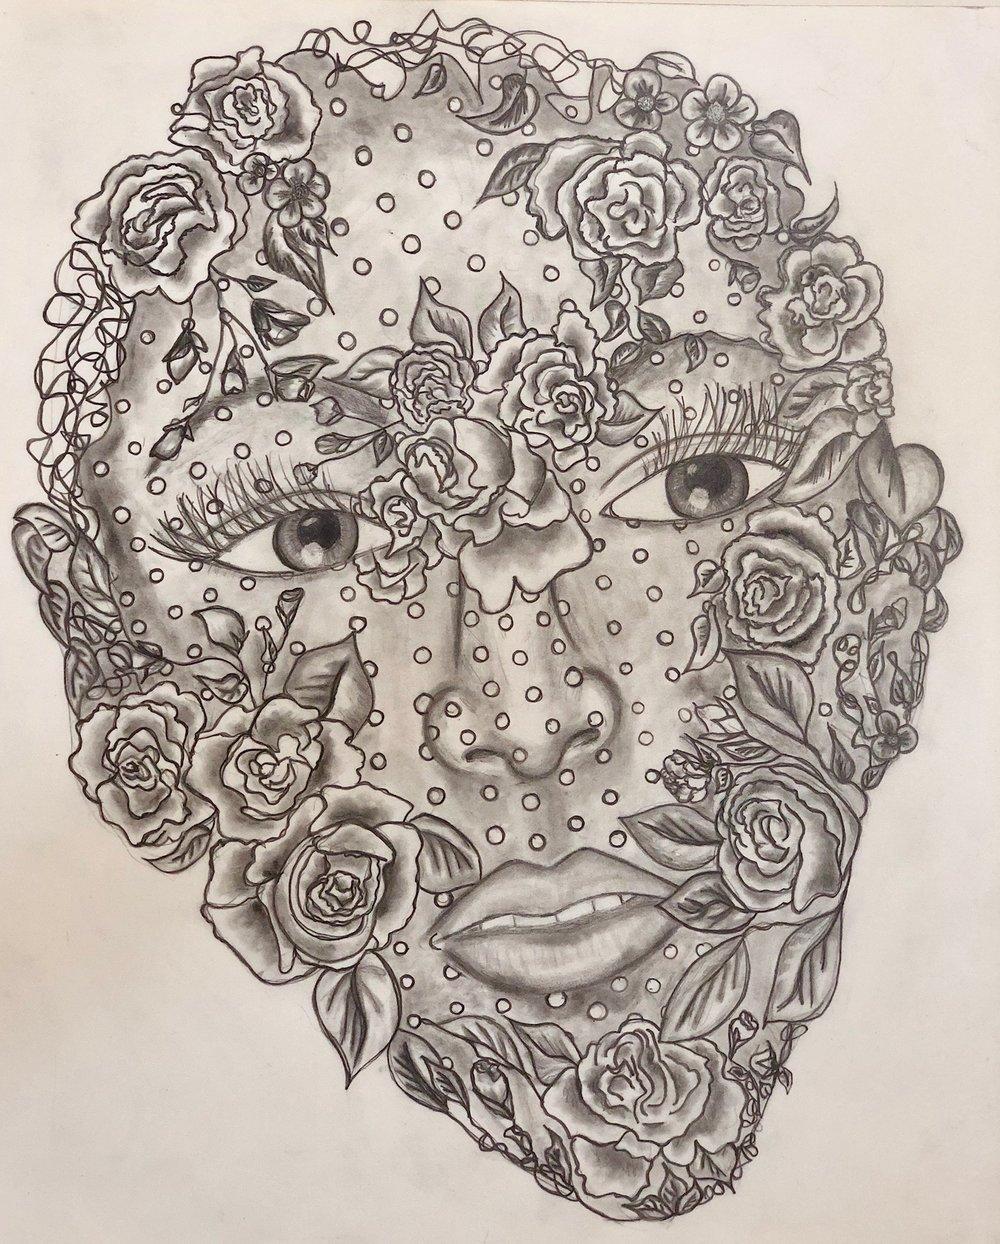 vintage darling - vintage floral inspired portrait sketch.